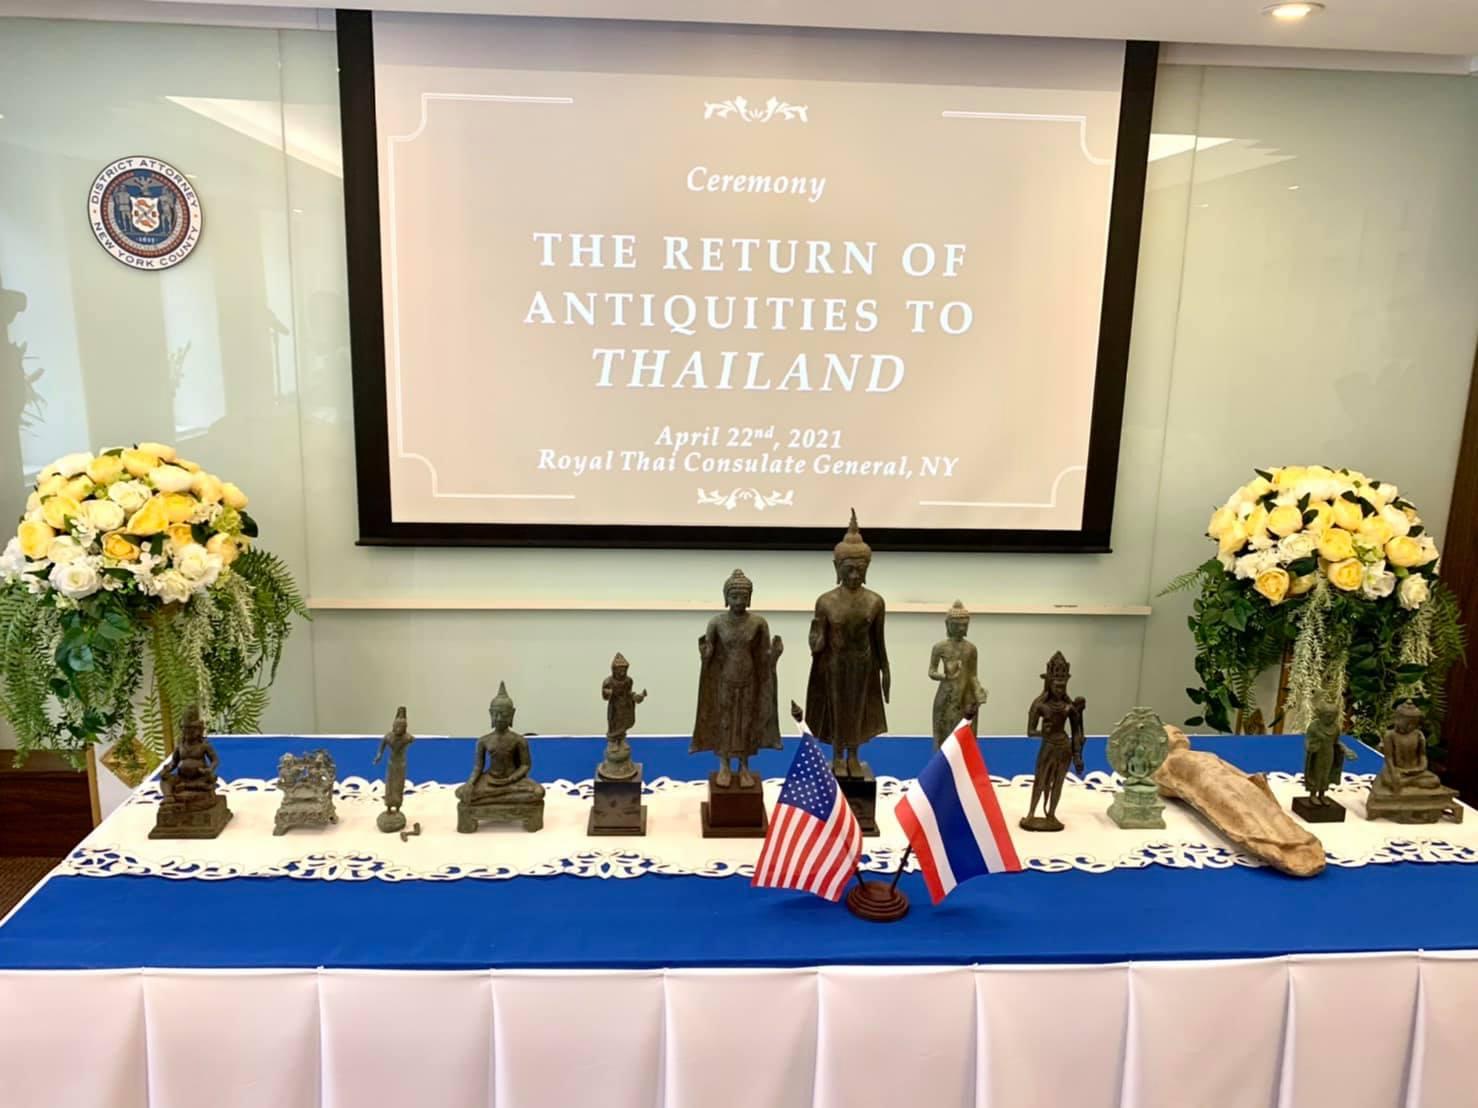 กรมศิลปากรเตรียมรับมอบประติมากรรมรูปเคารพ ๑๓ รายการ จากการดำเนินคดีของสำนักงานอัยการนิวยอร์ก สหรัฐอเมริกา กลับสู่ประเทศไทย